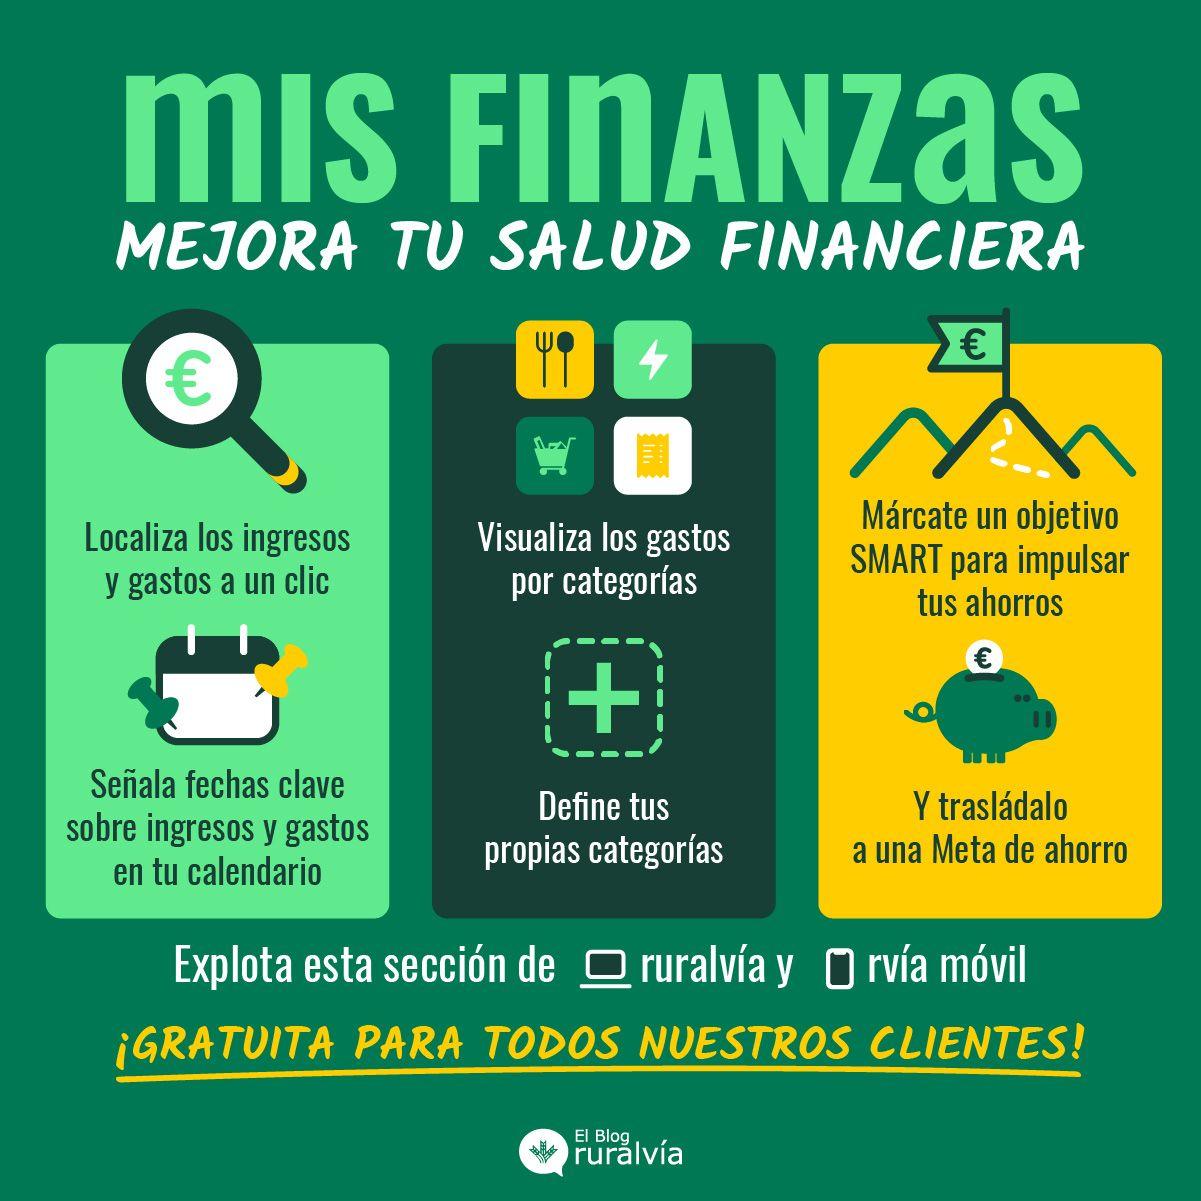 ¿Para qué sirve Mis Finanzas? Para mejorar tu salud financiera